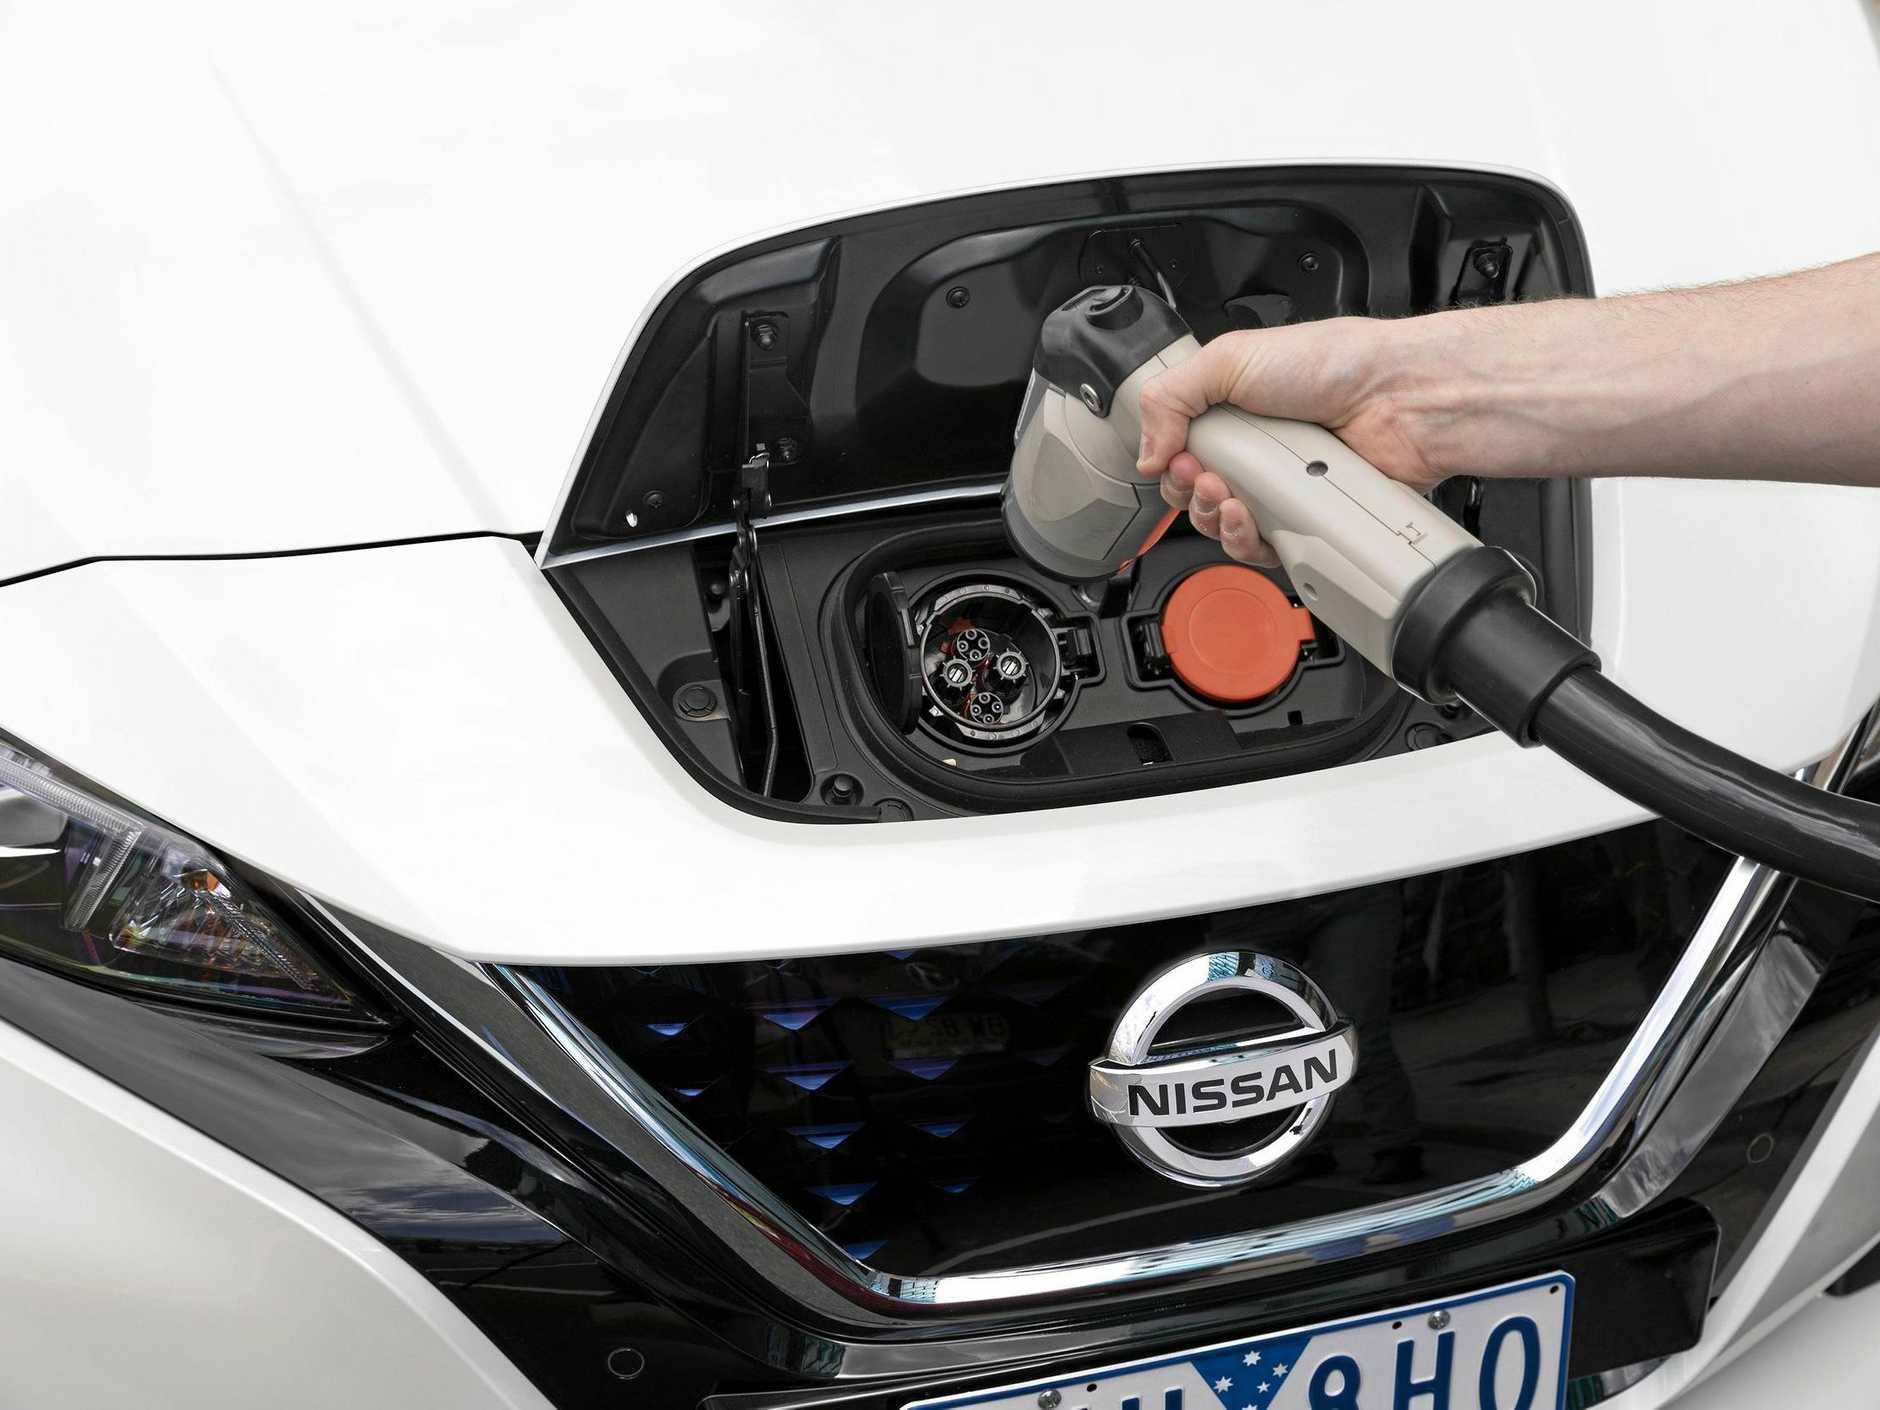 The Nissan Leaf electric car.